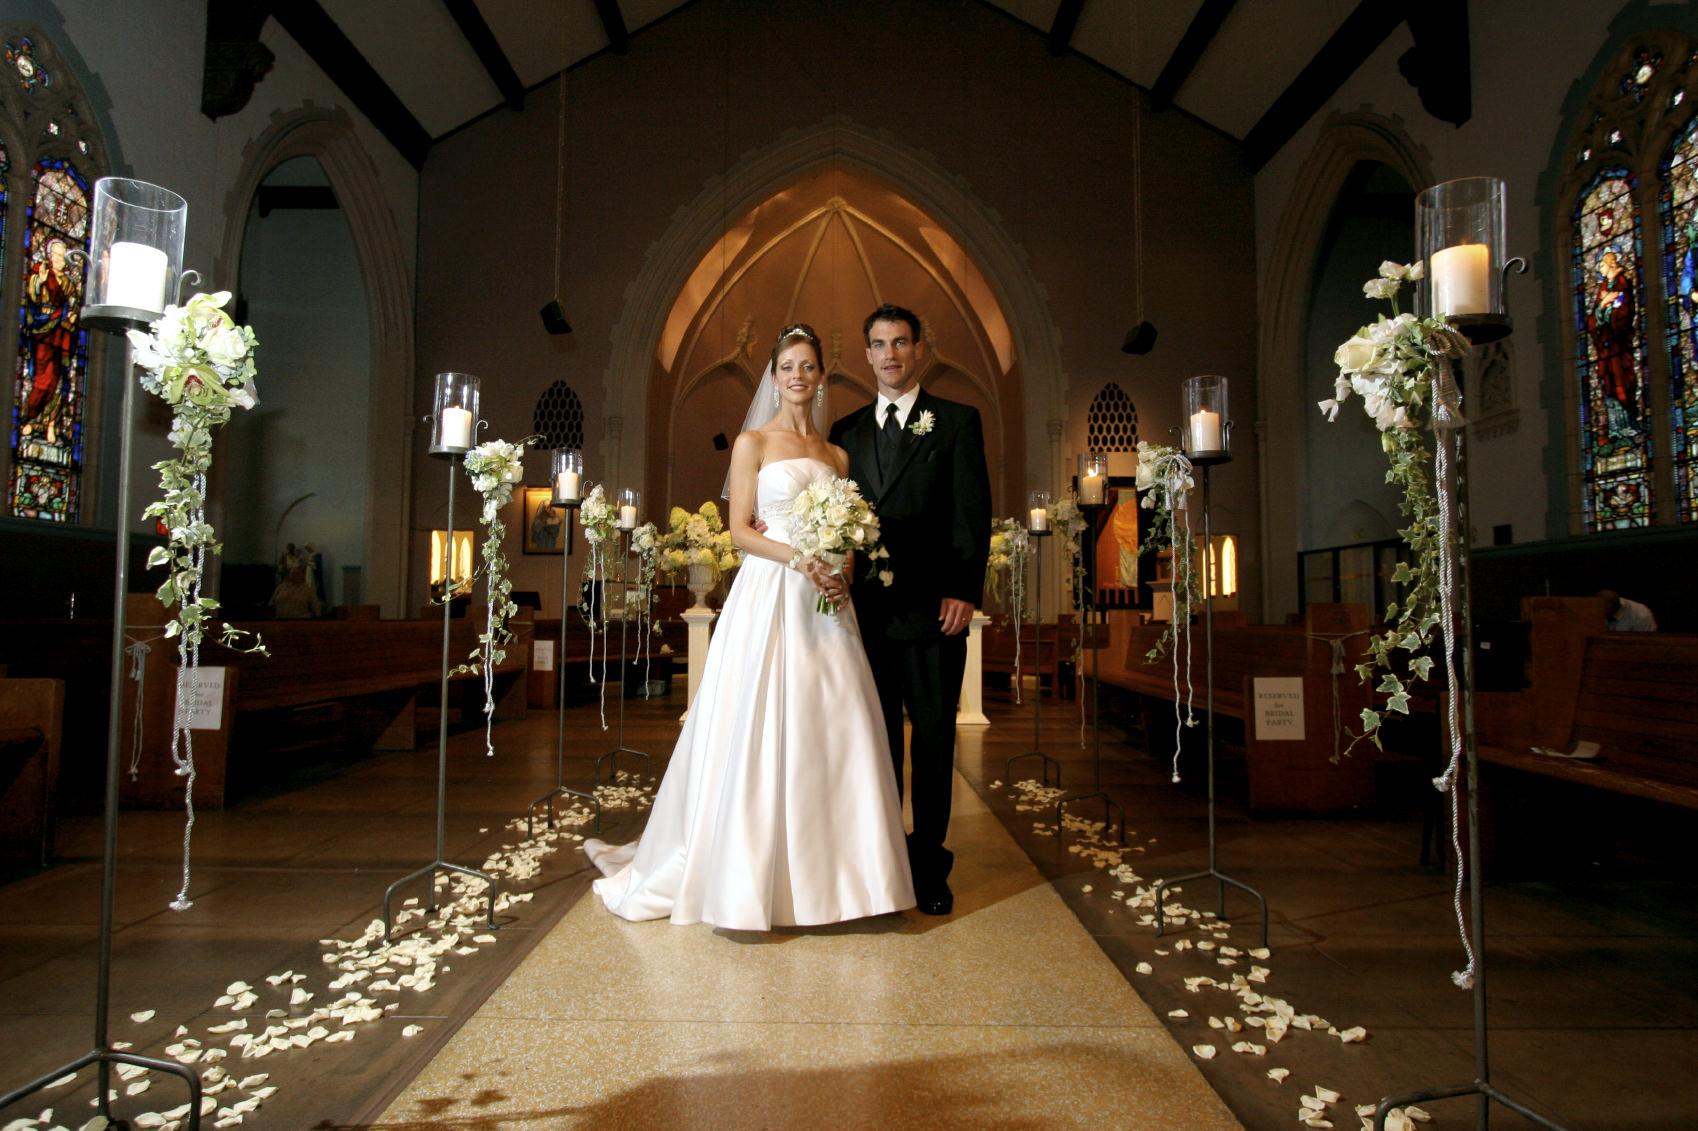 Guida alla composizione della fotografia di matrimonio o di eventi